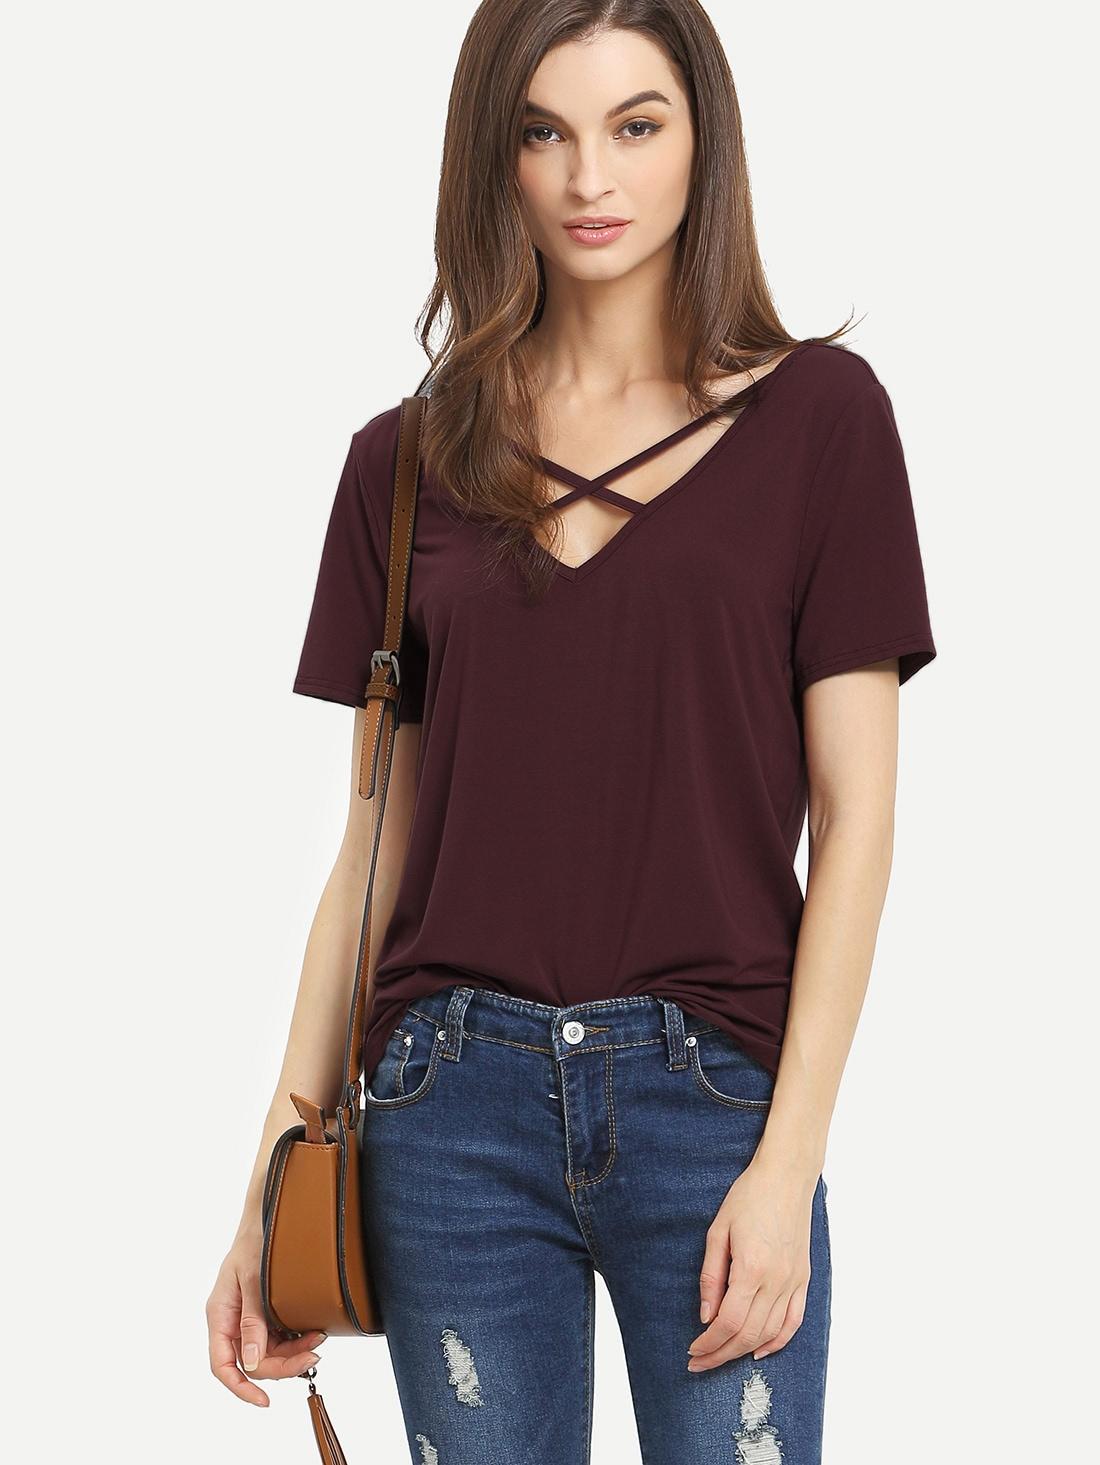 Criss Cross Front Casual T-shirt -SheIn(Sheinside)